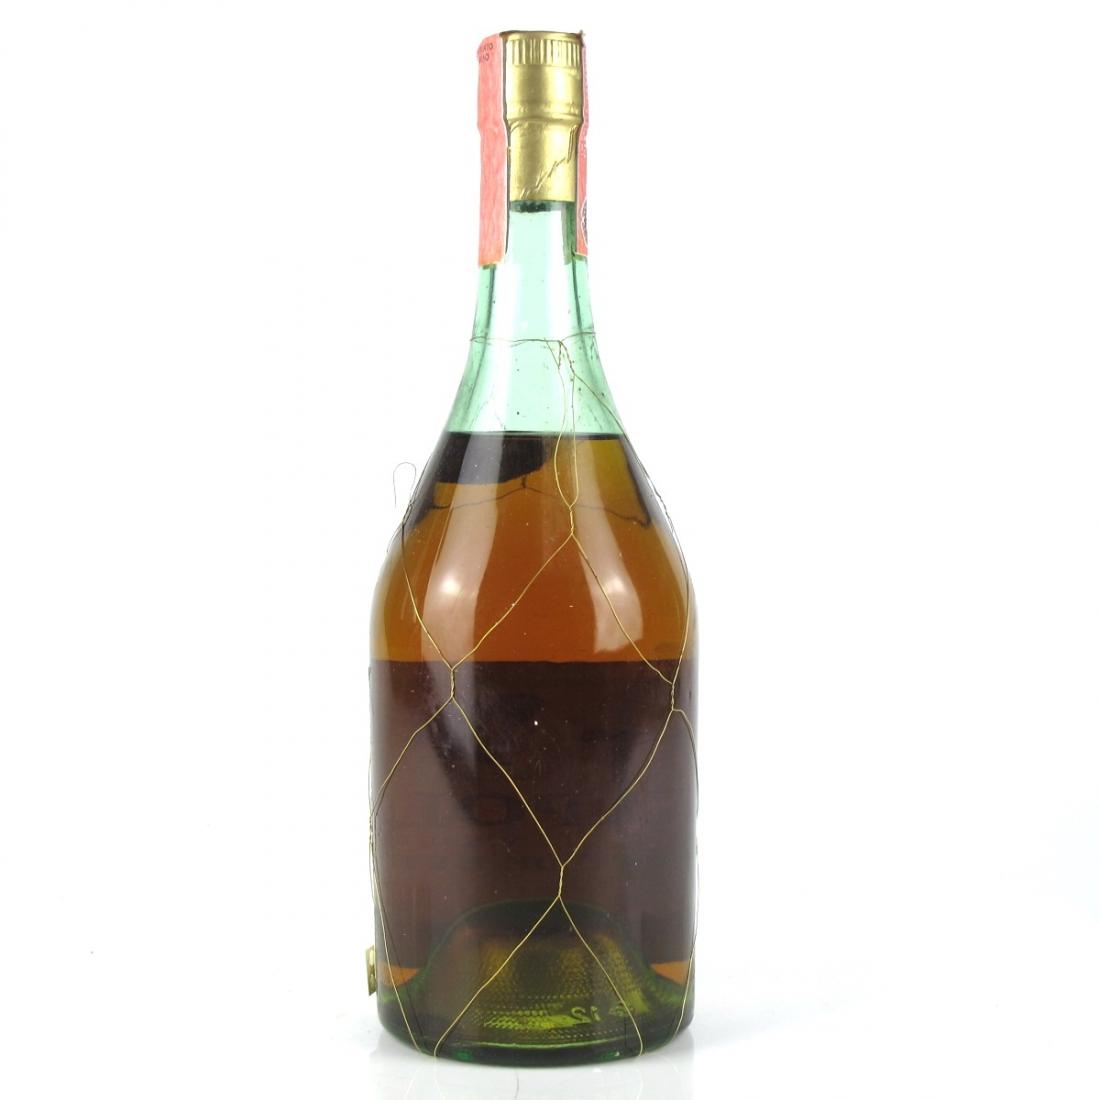 Duc de Bergerac Napoleon VSOP Brandy 1970s/80s